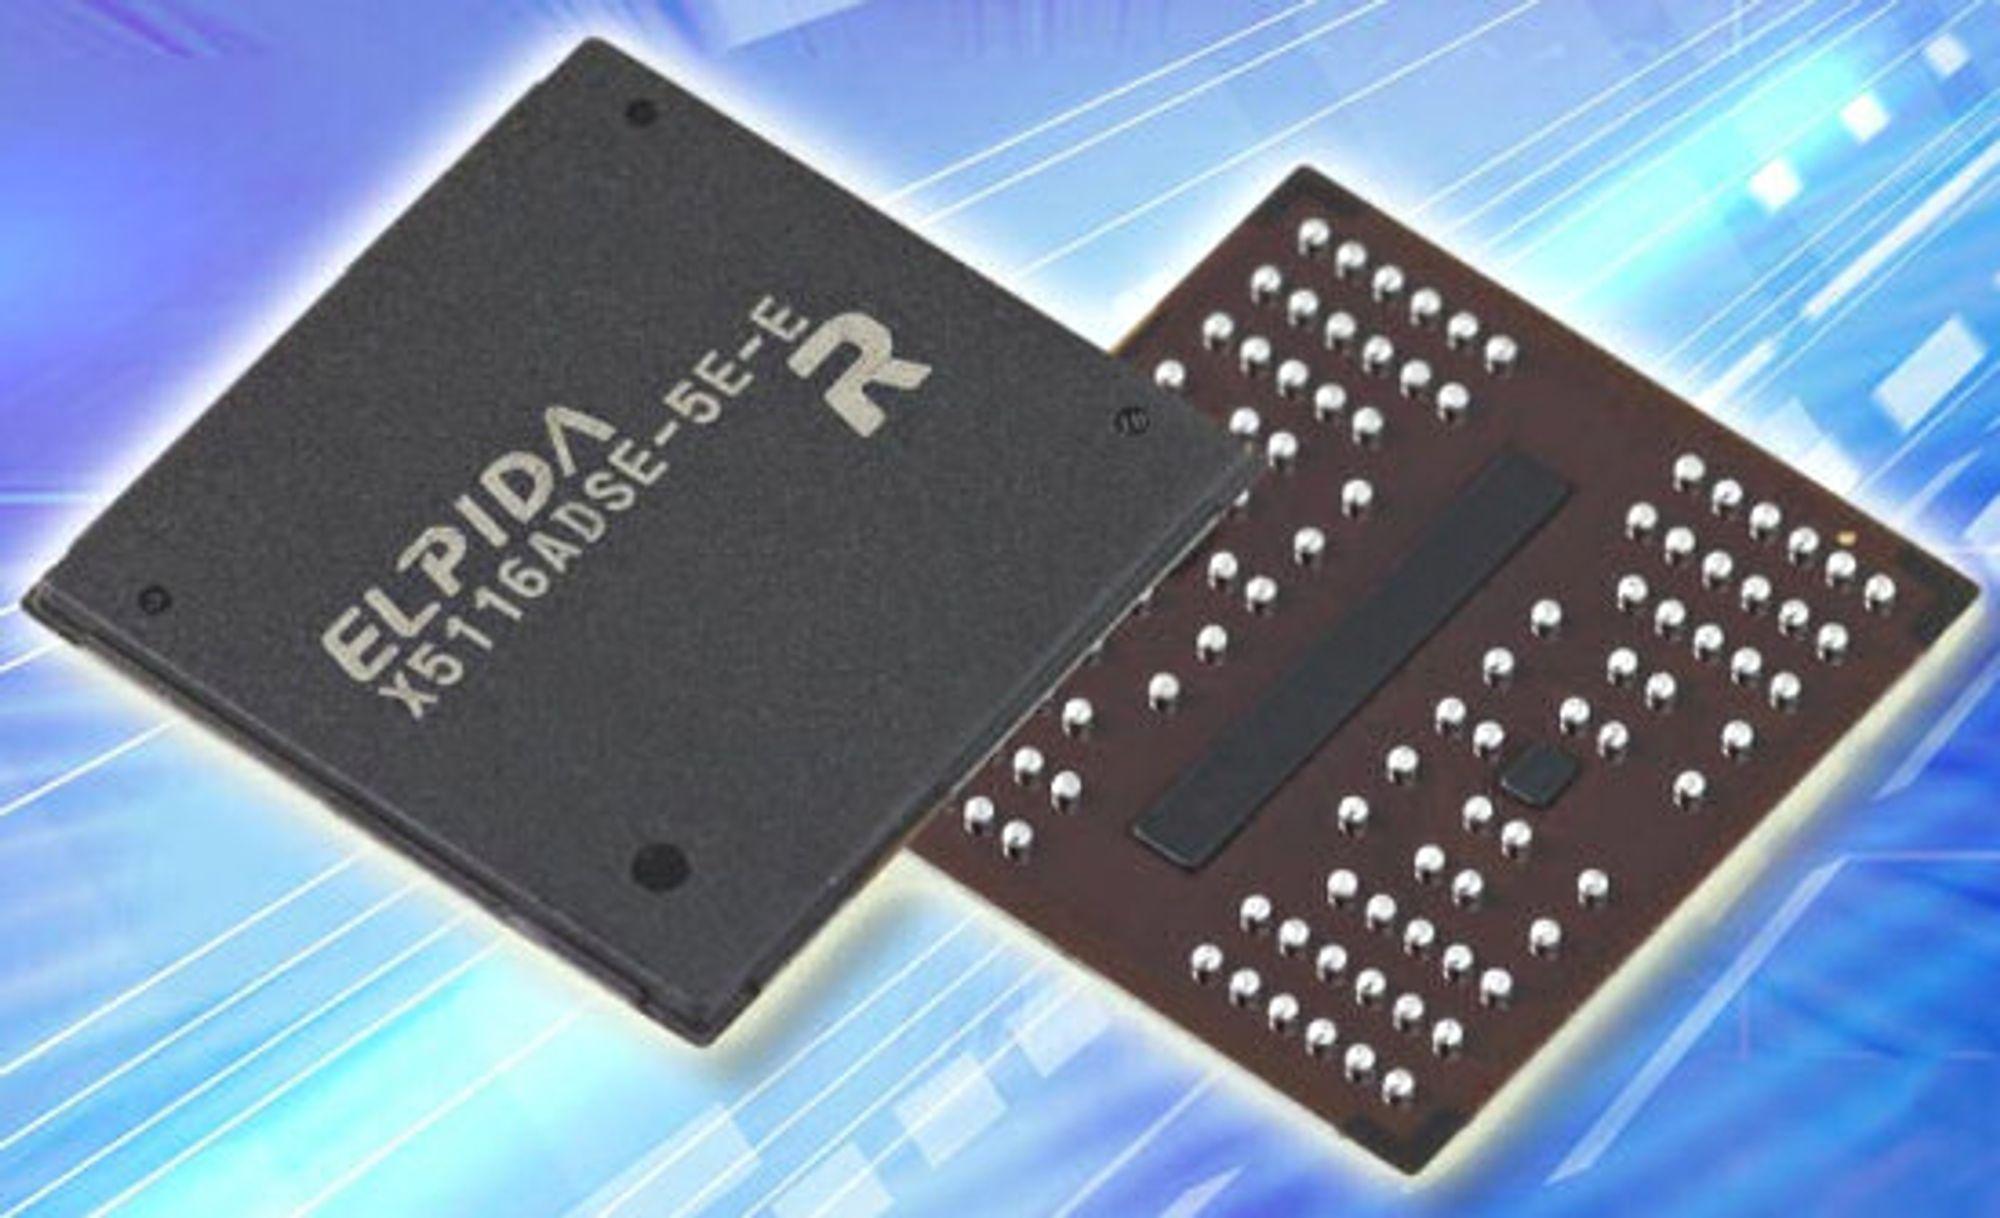 XDR-minnebrikker fra Elpida